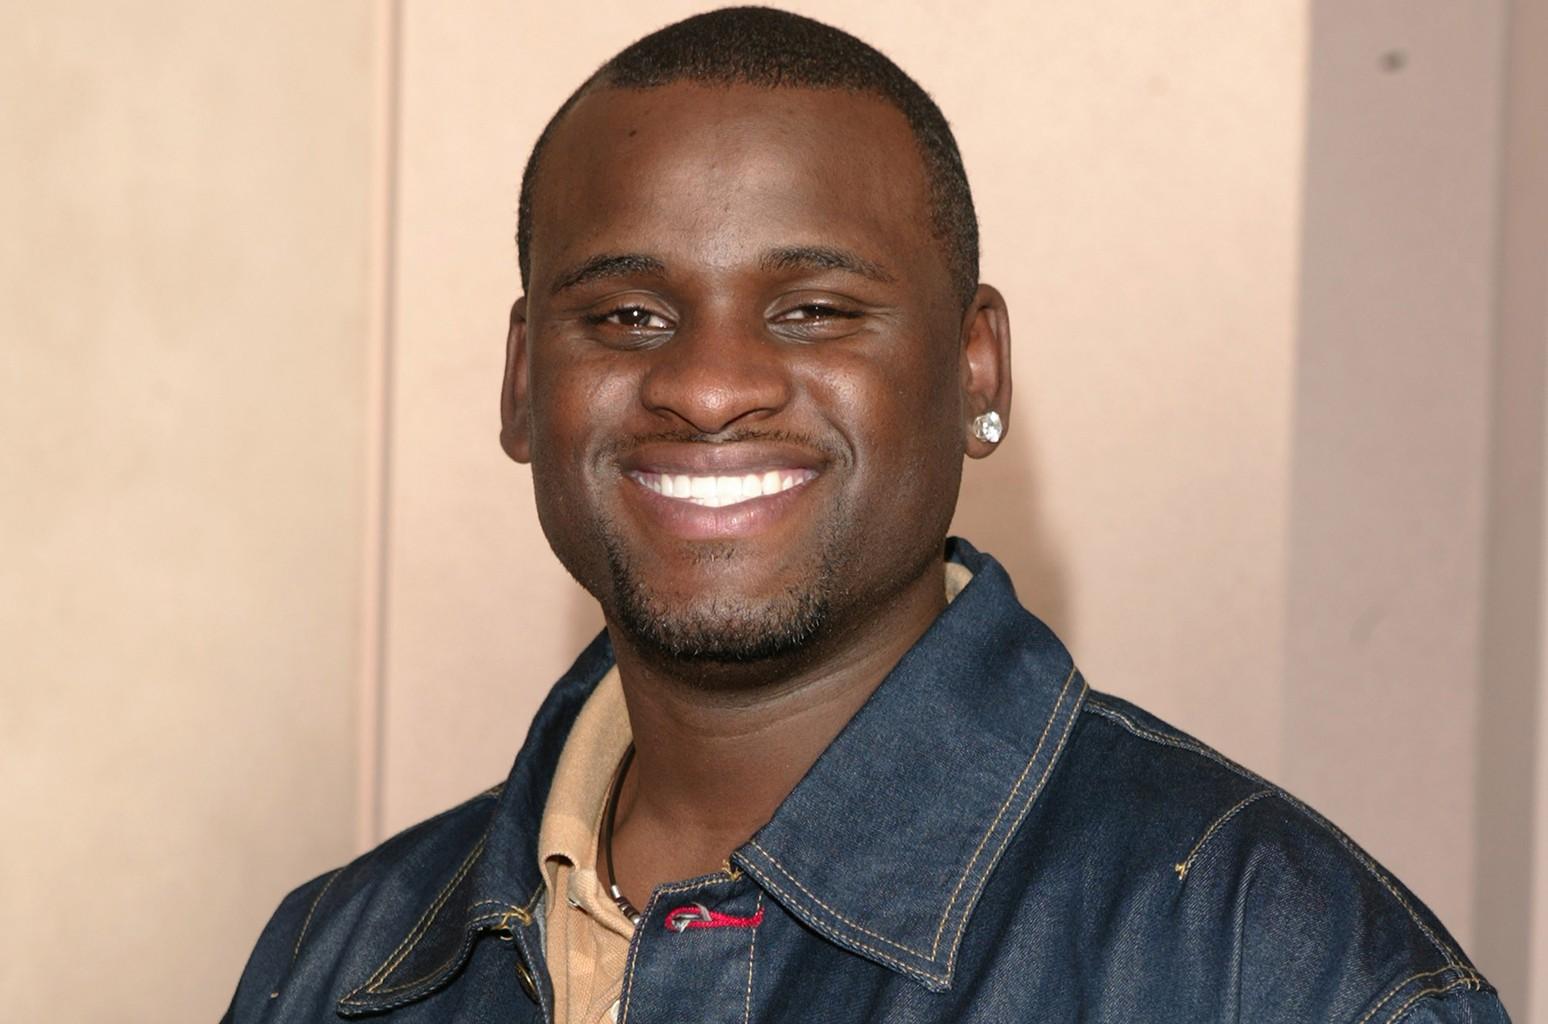 Rickey Smith of American Idol